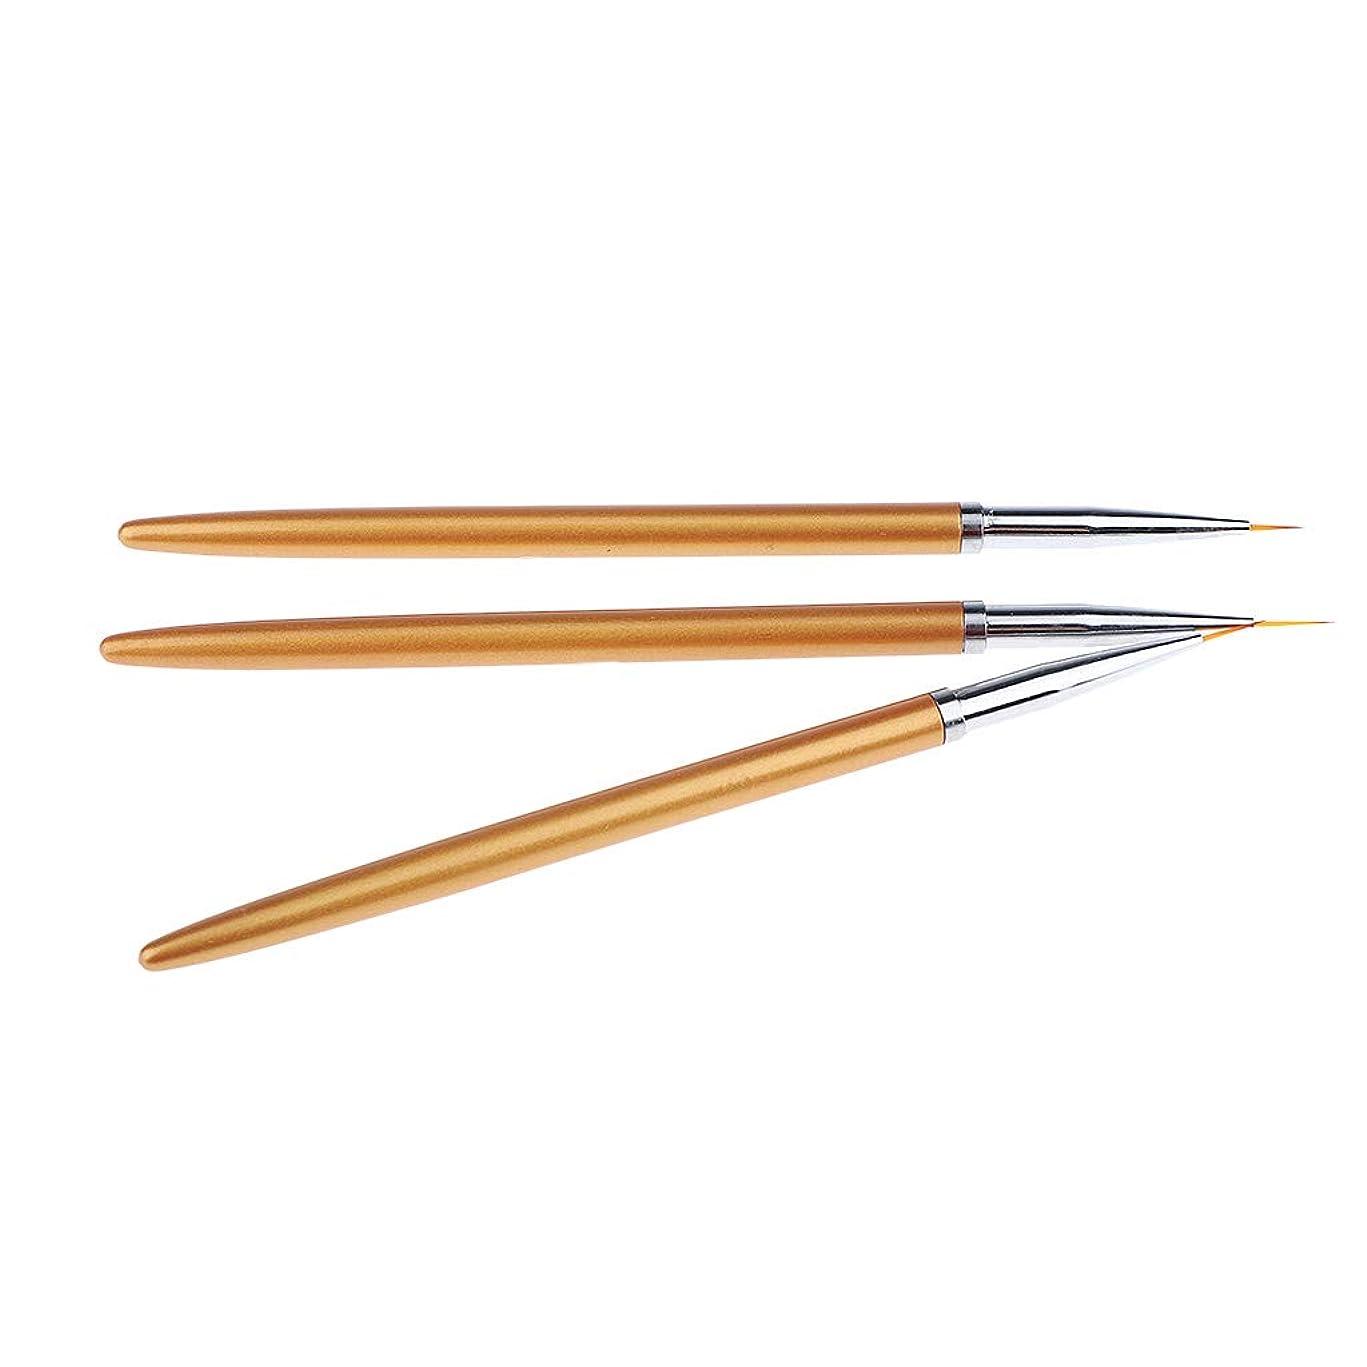 結晶杖ランダムSM SunniMix ネイルアートブラシ 絵画ペン プラスチック ネイルアートペンブラシセット 3本